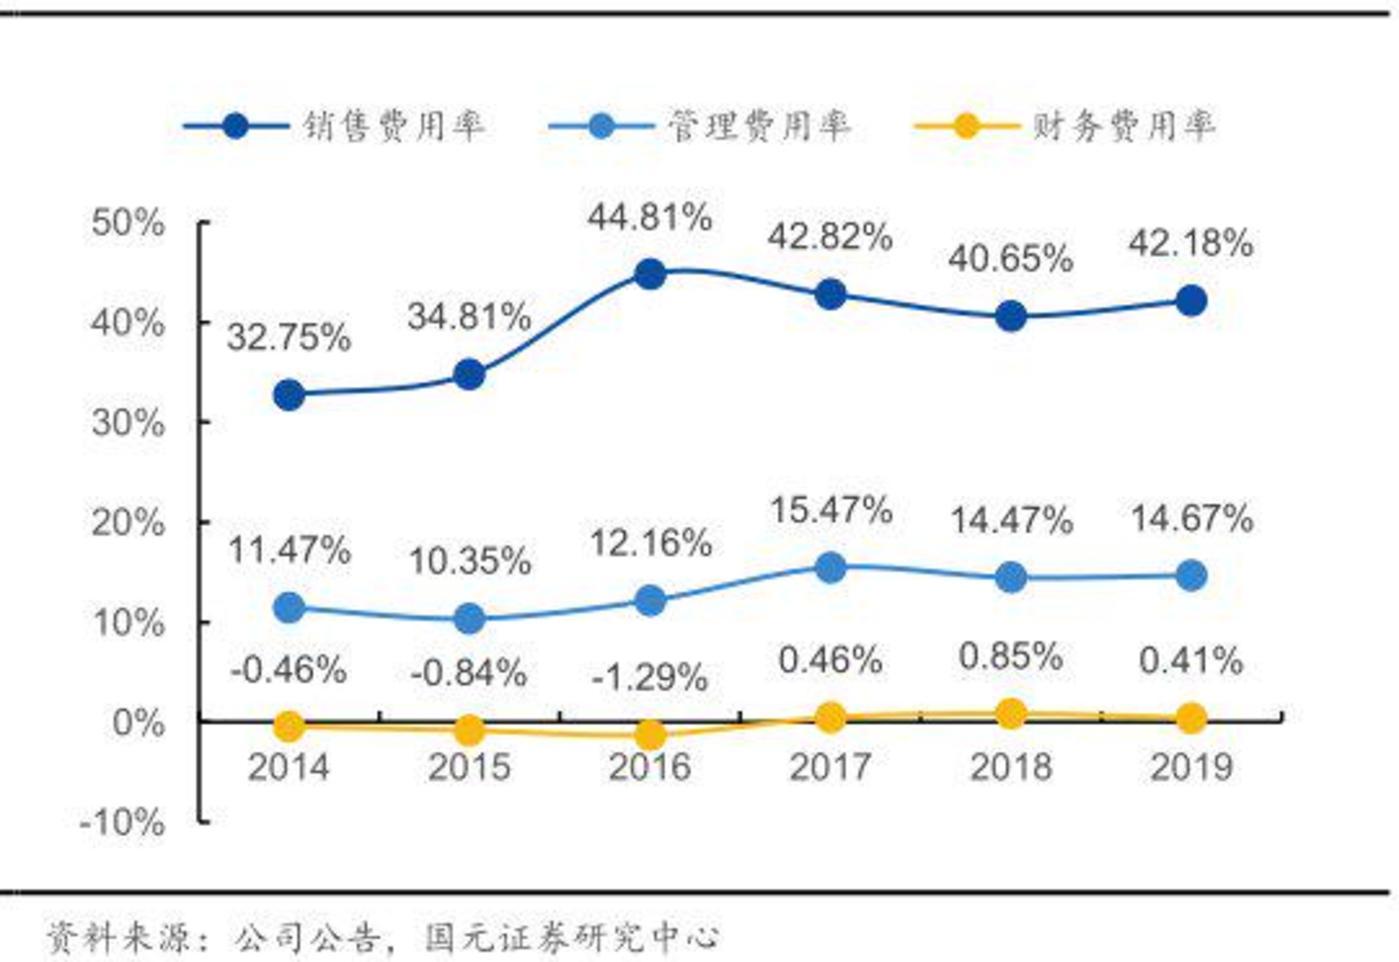 ▲上海家化费用率情况